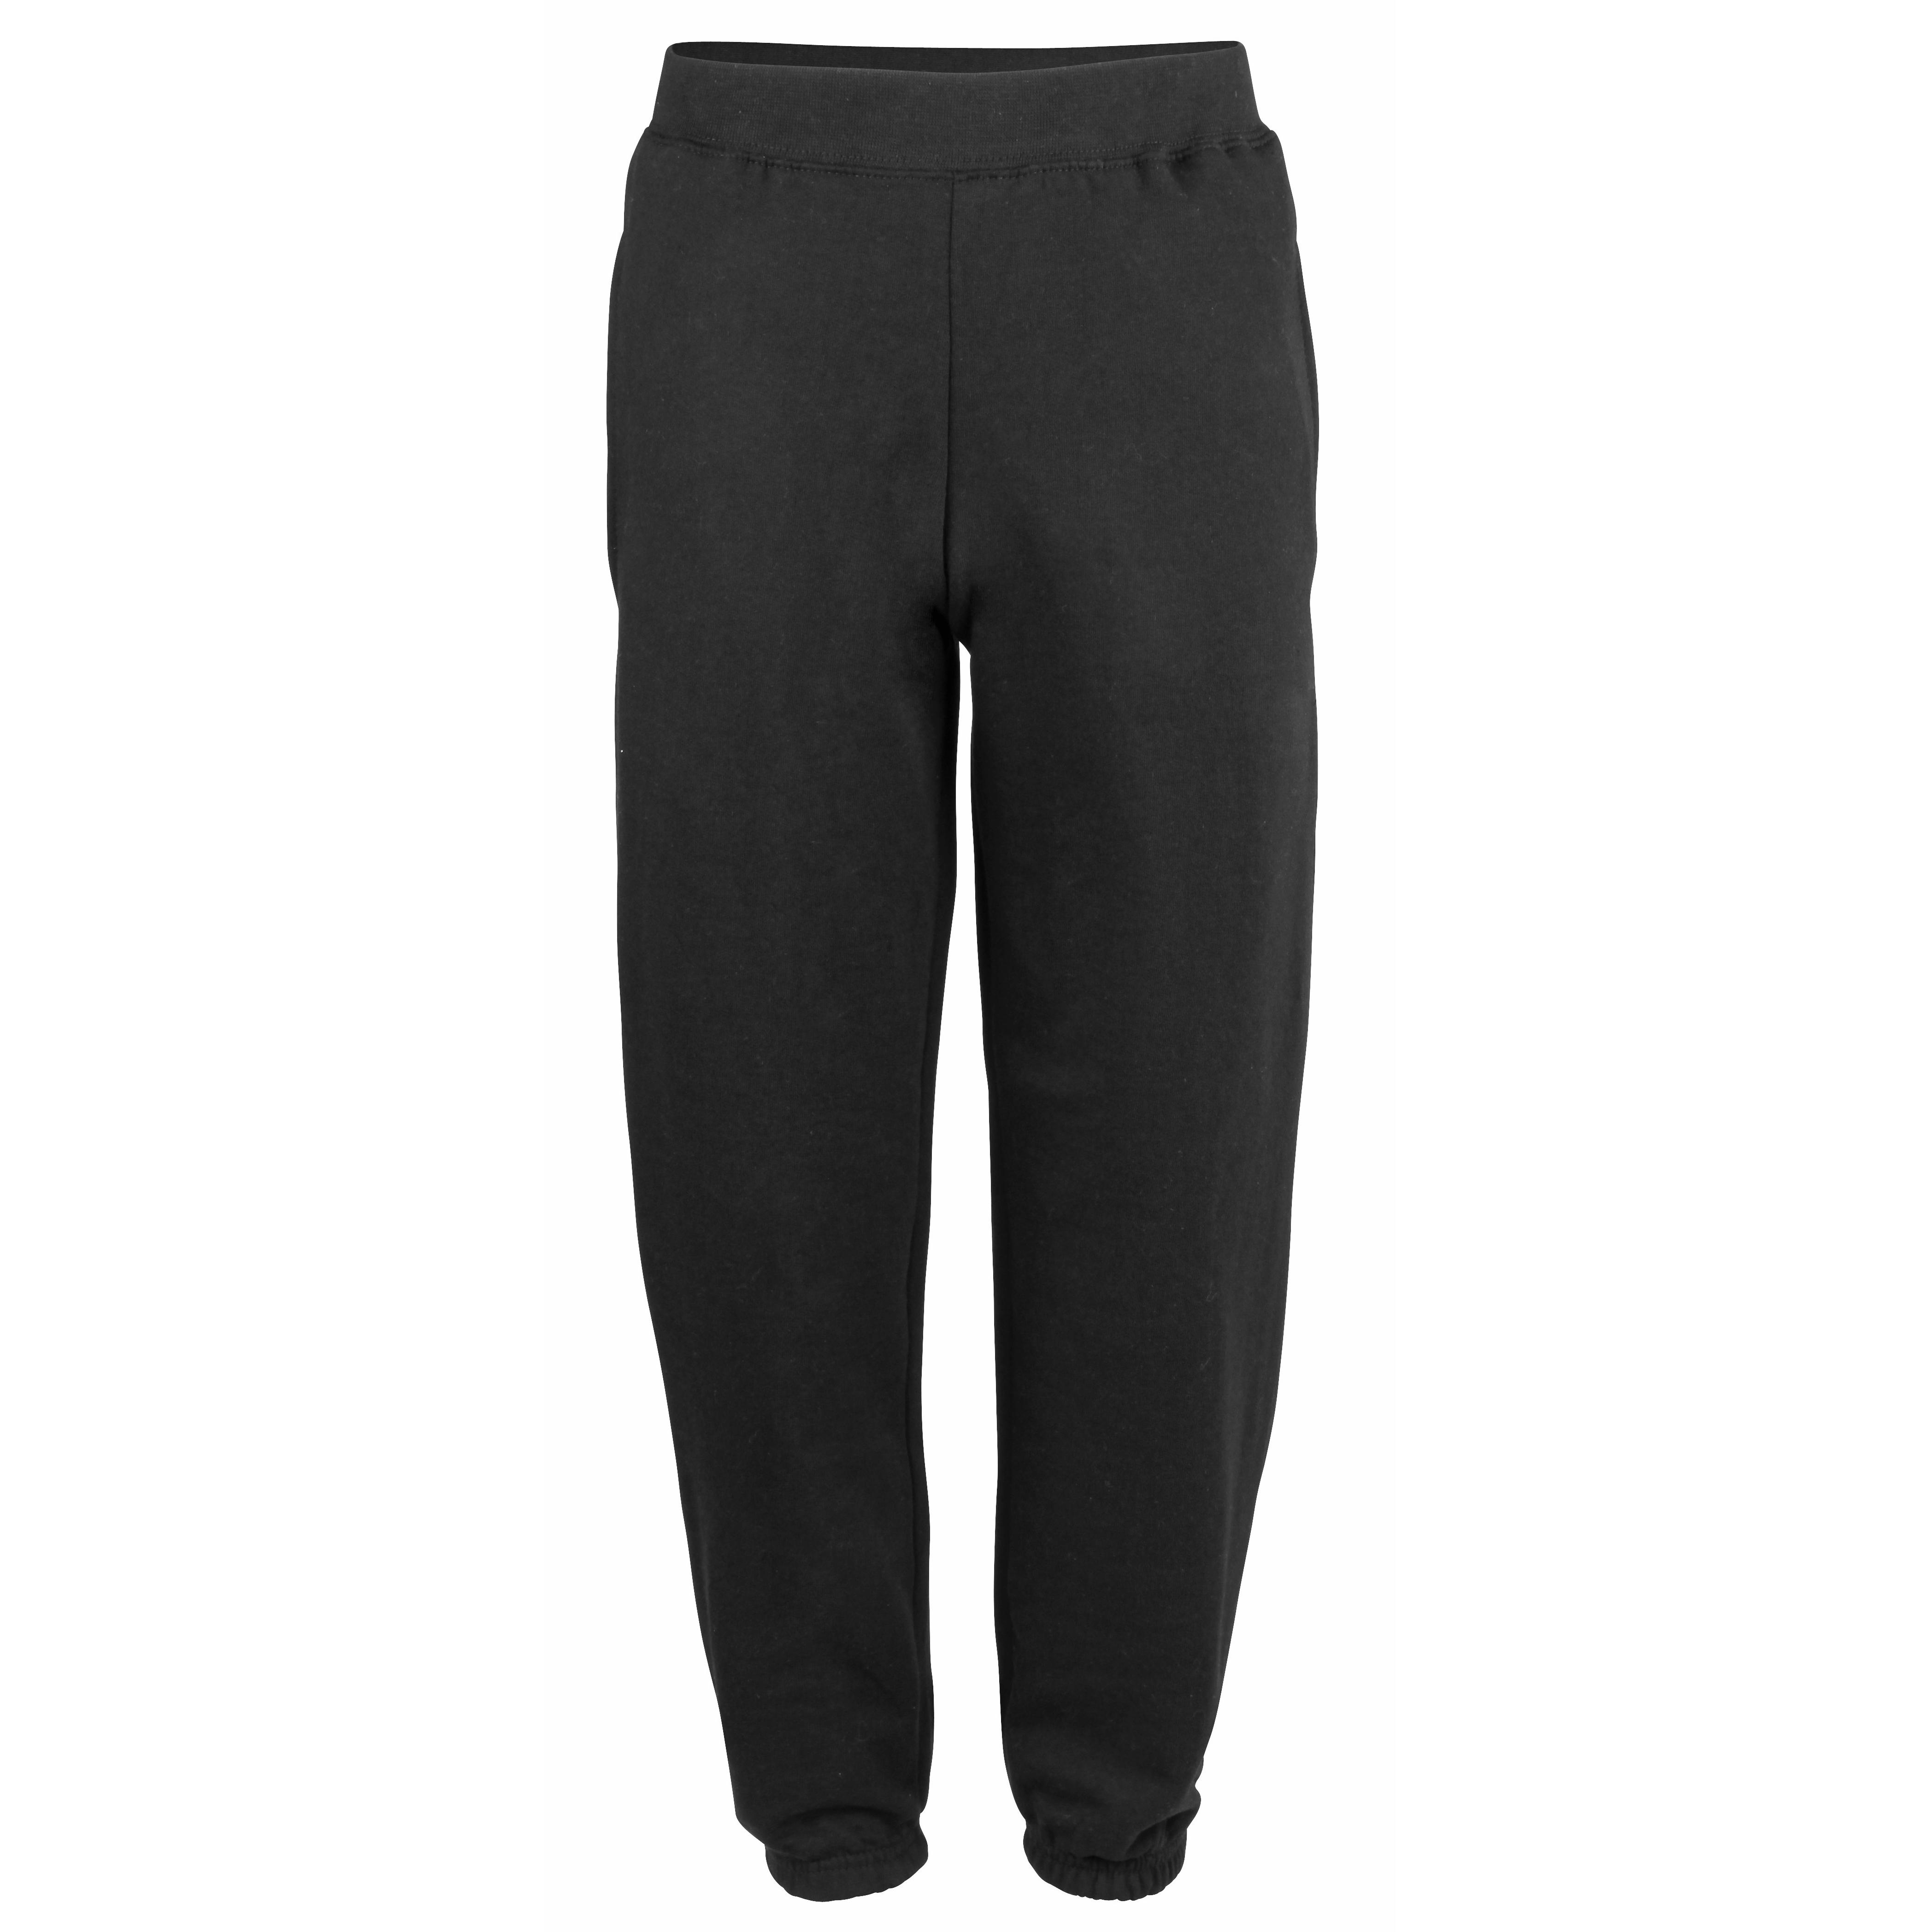 AWD Cuffed Sweatpantss